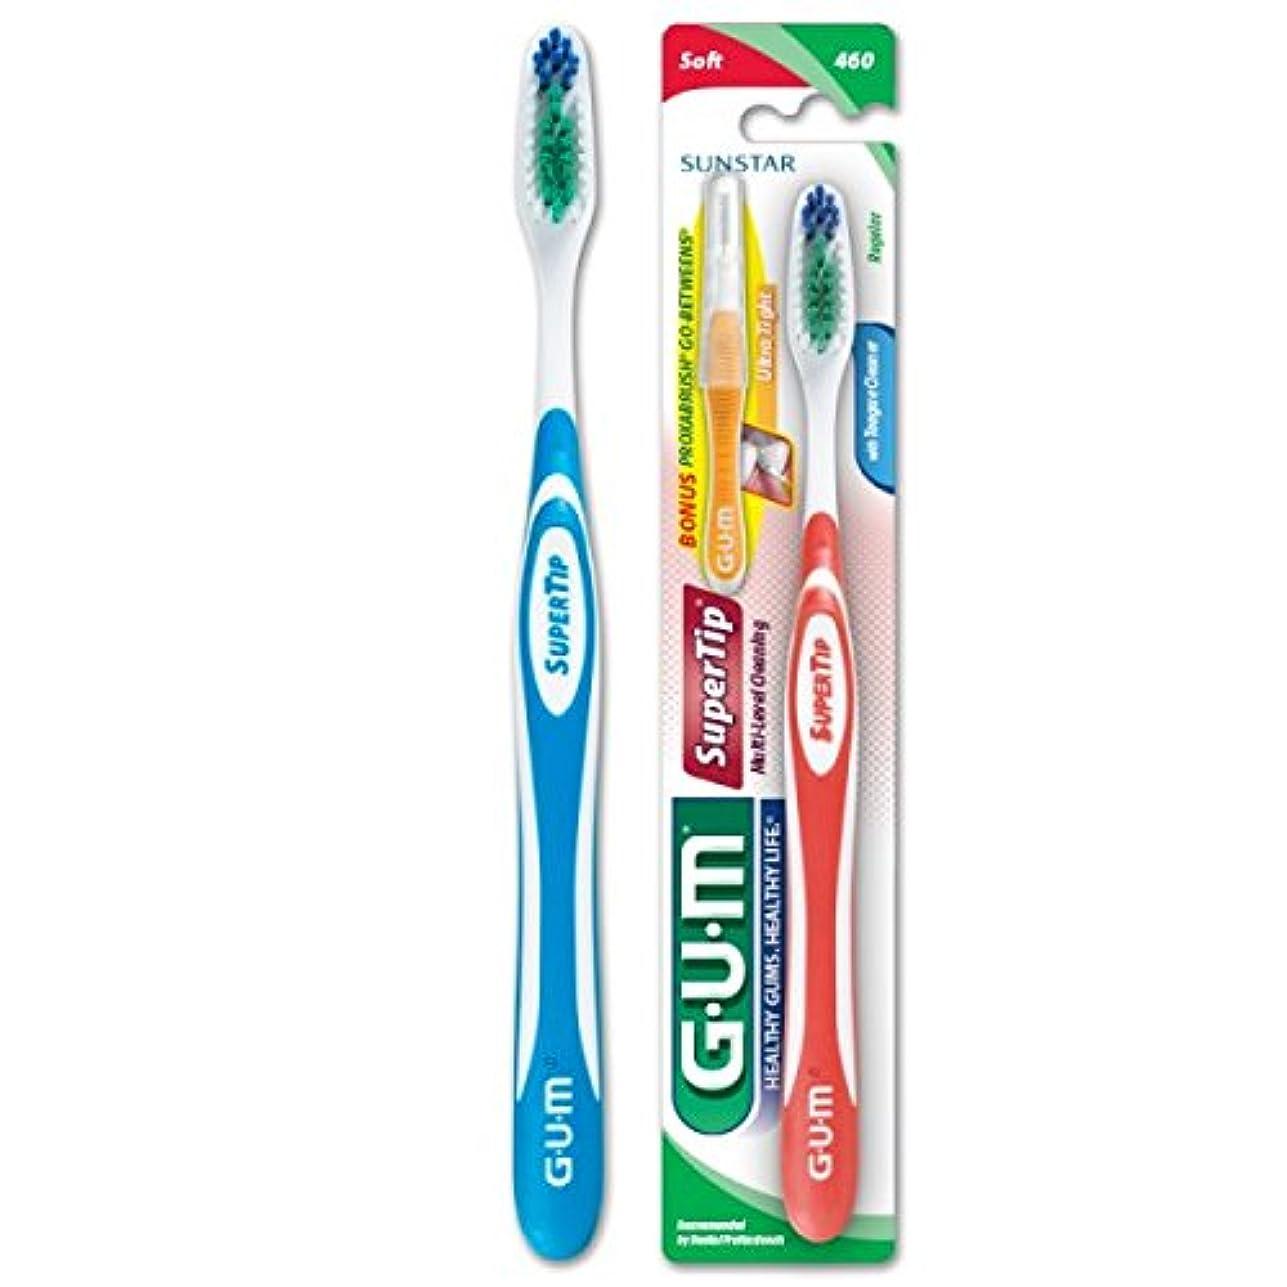 最終的に運搬剛性Gum Proxabrushゴー?ビトウィーンズ、三角全ソフト毛付きサンスター460Rgbスーパーヒント歯ブラシ